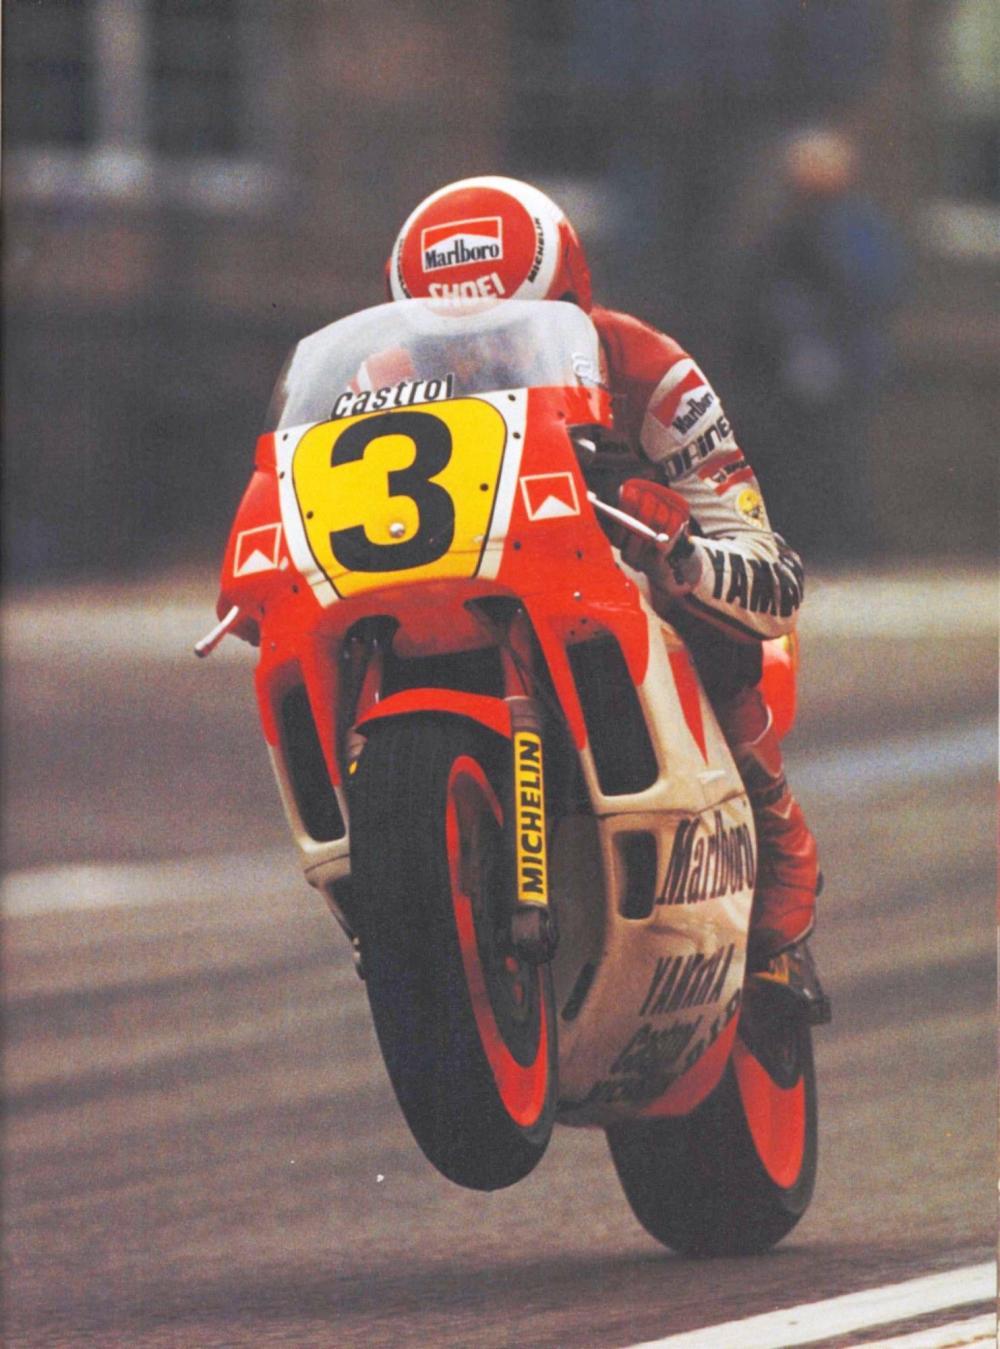 Eddie Lawson nel 1988, anno del terzo titolo mondiale